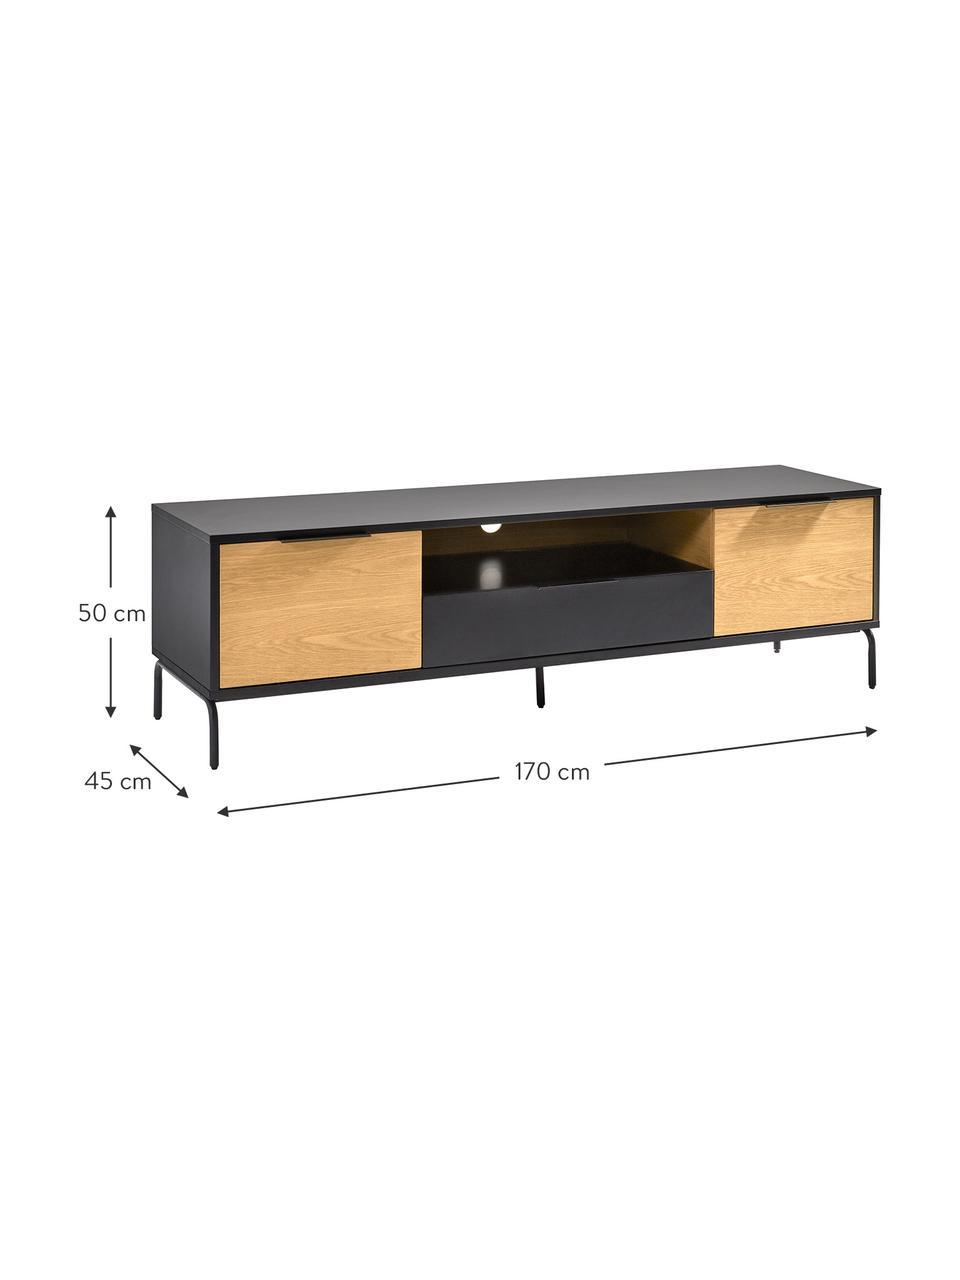 Tv-meubel Stellar met 2 deuren en een lade, Zwart, eikenhoutkleurig, 170 x 50 cm